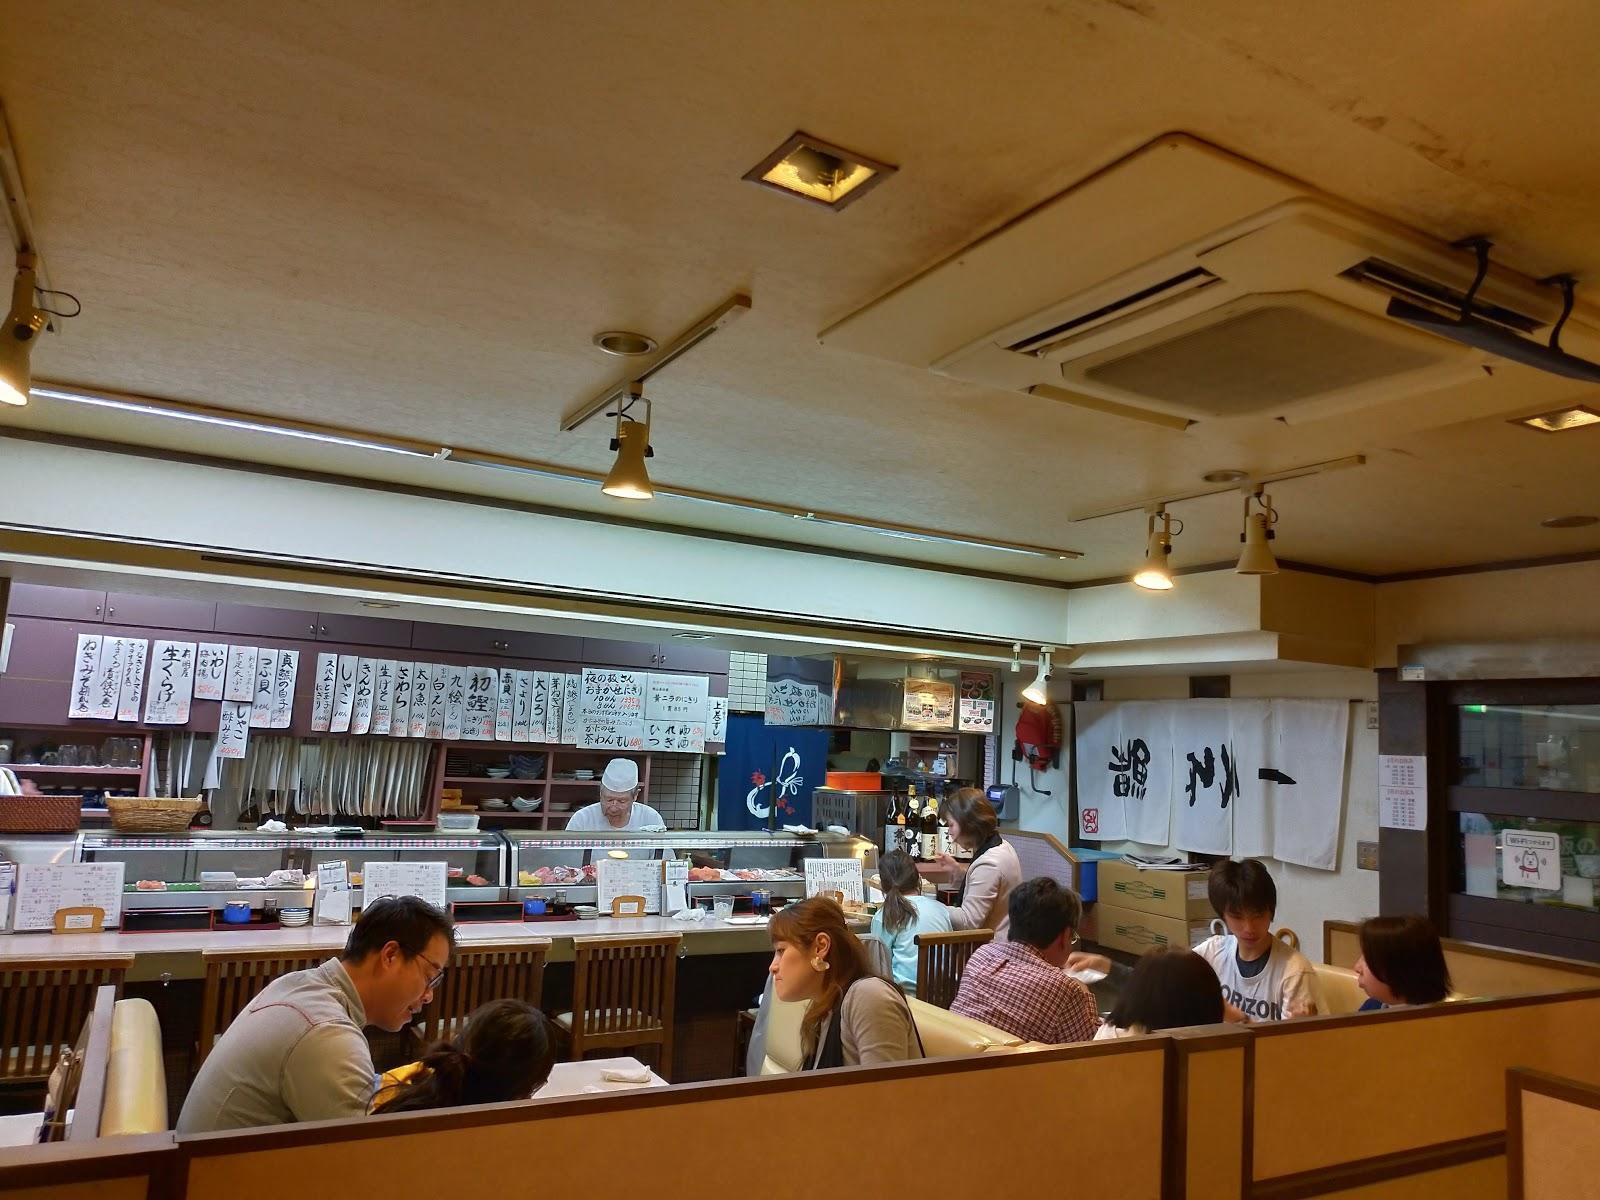 店内の様子|大阪府堺市初芝駅近くの「一作鮨」へ